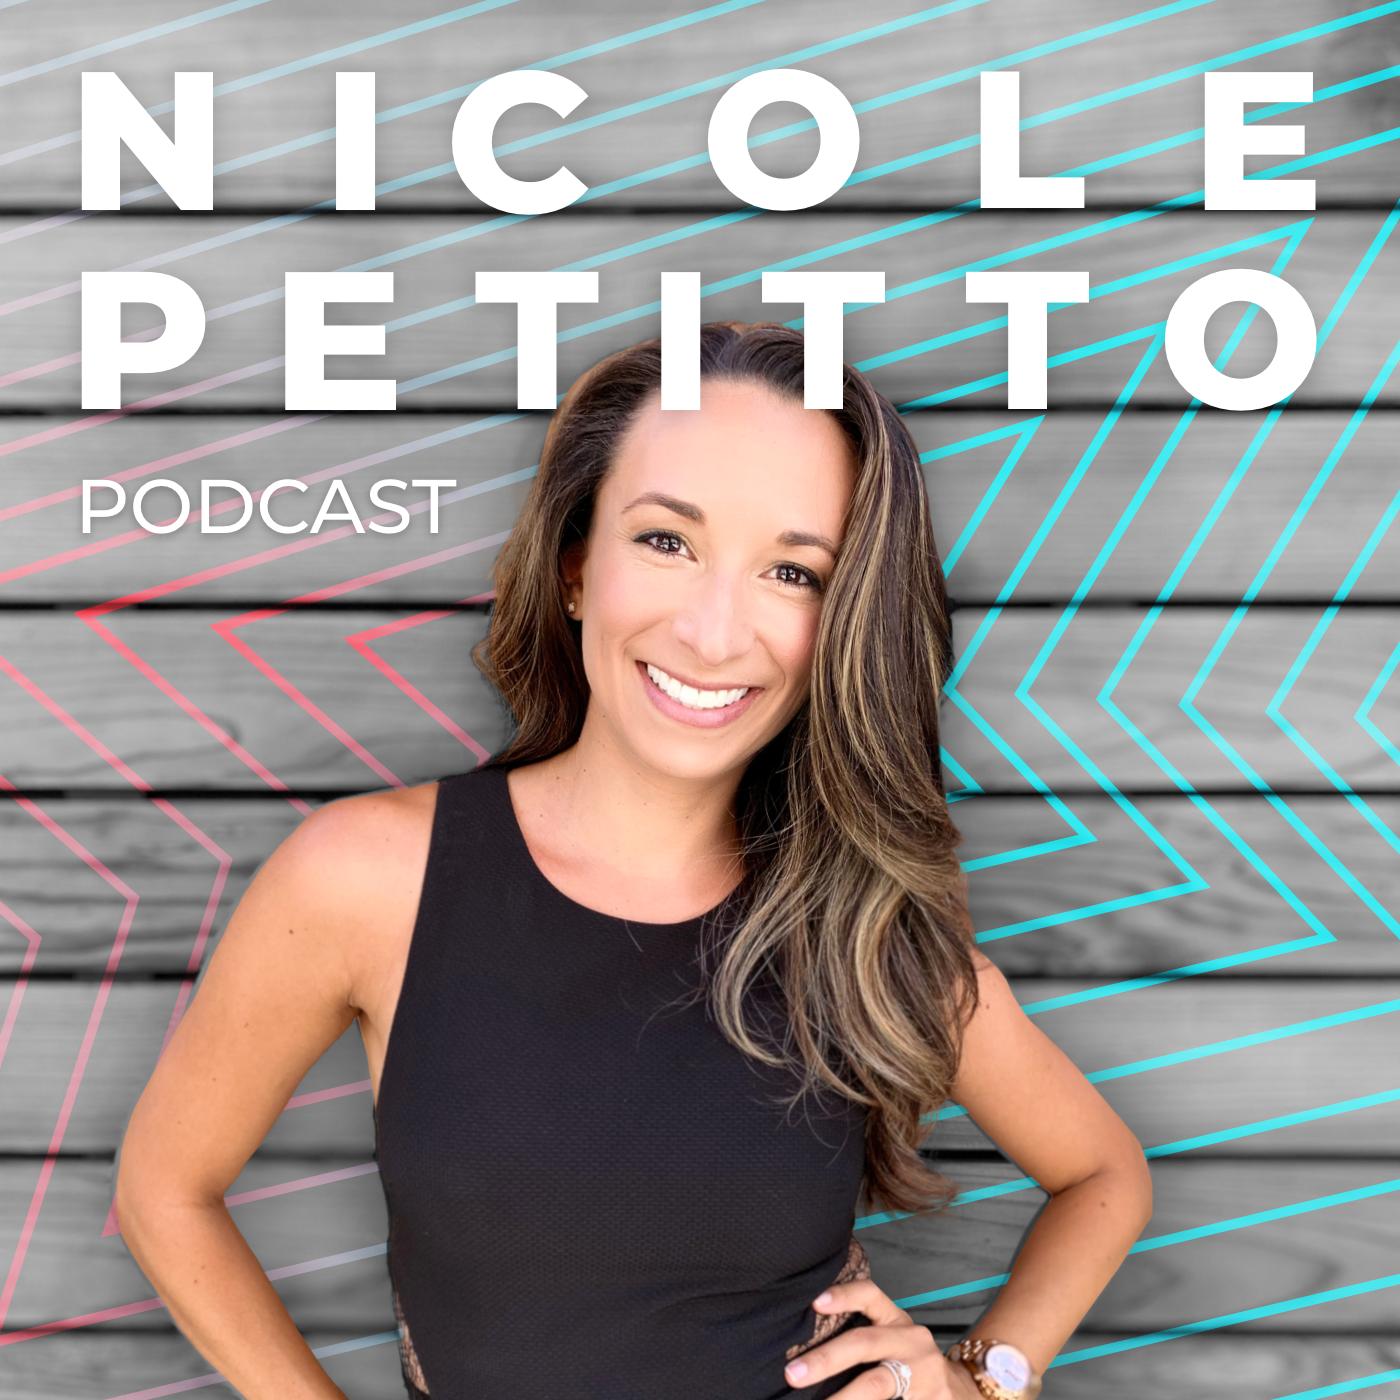 Nicole Petitto